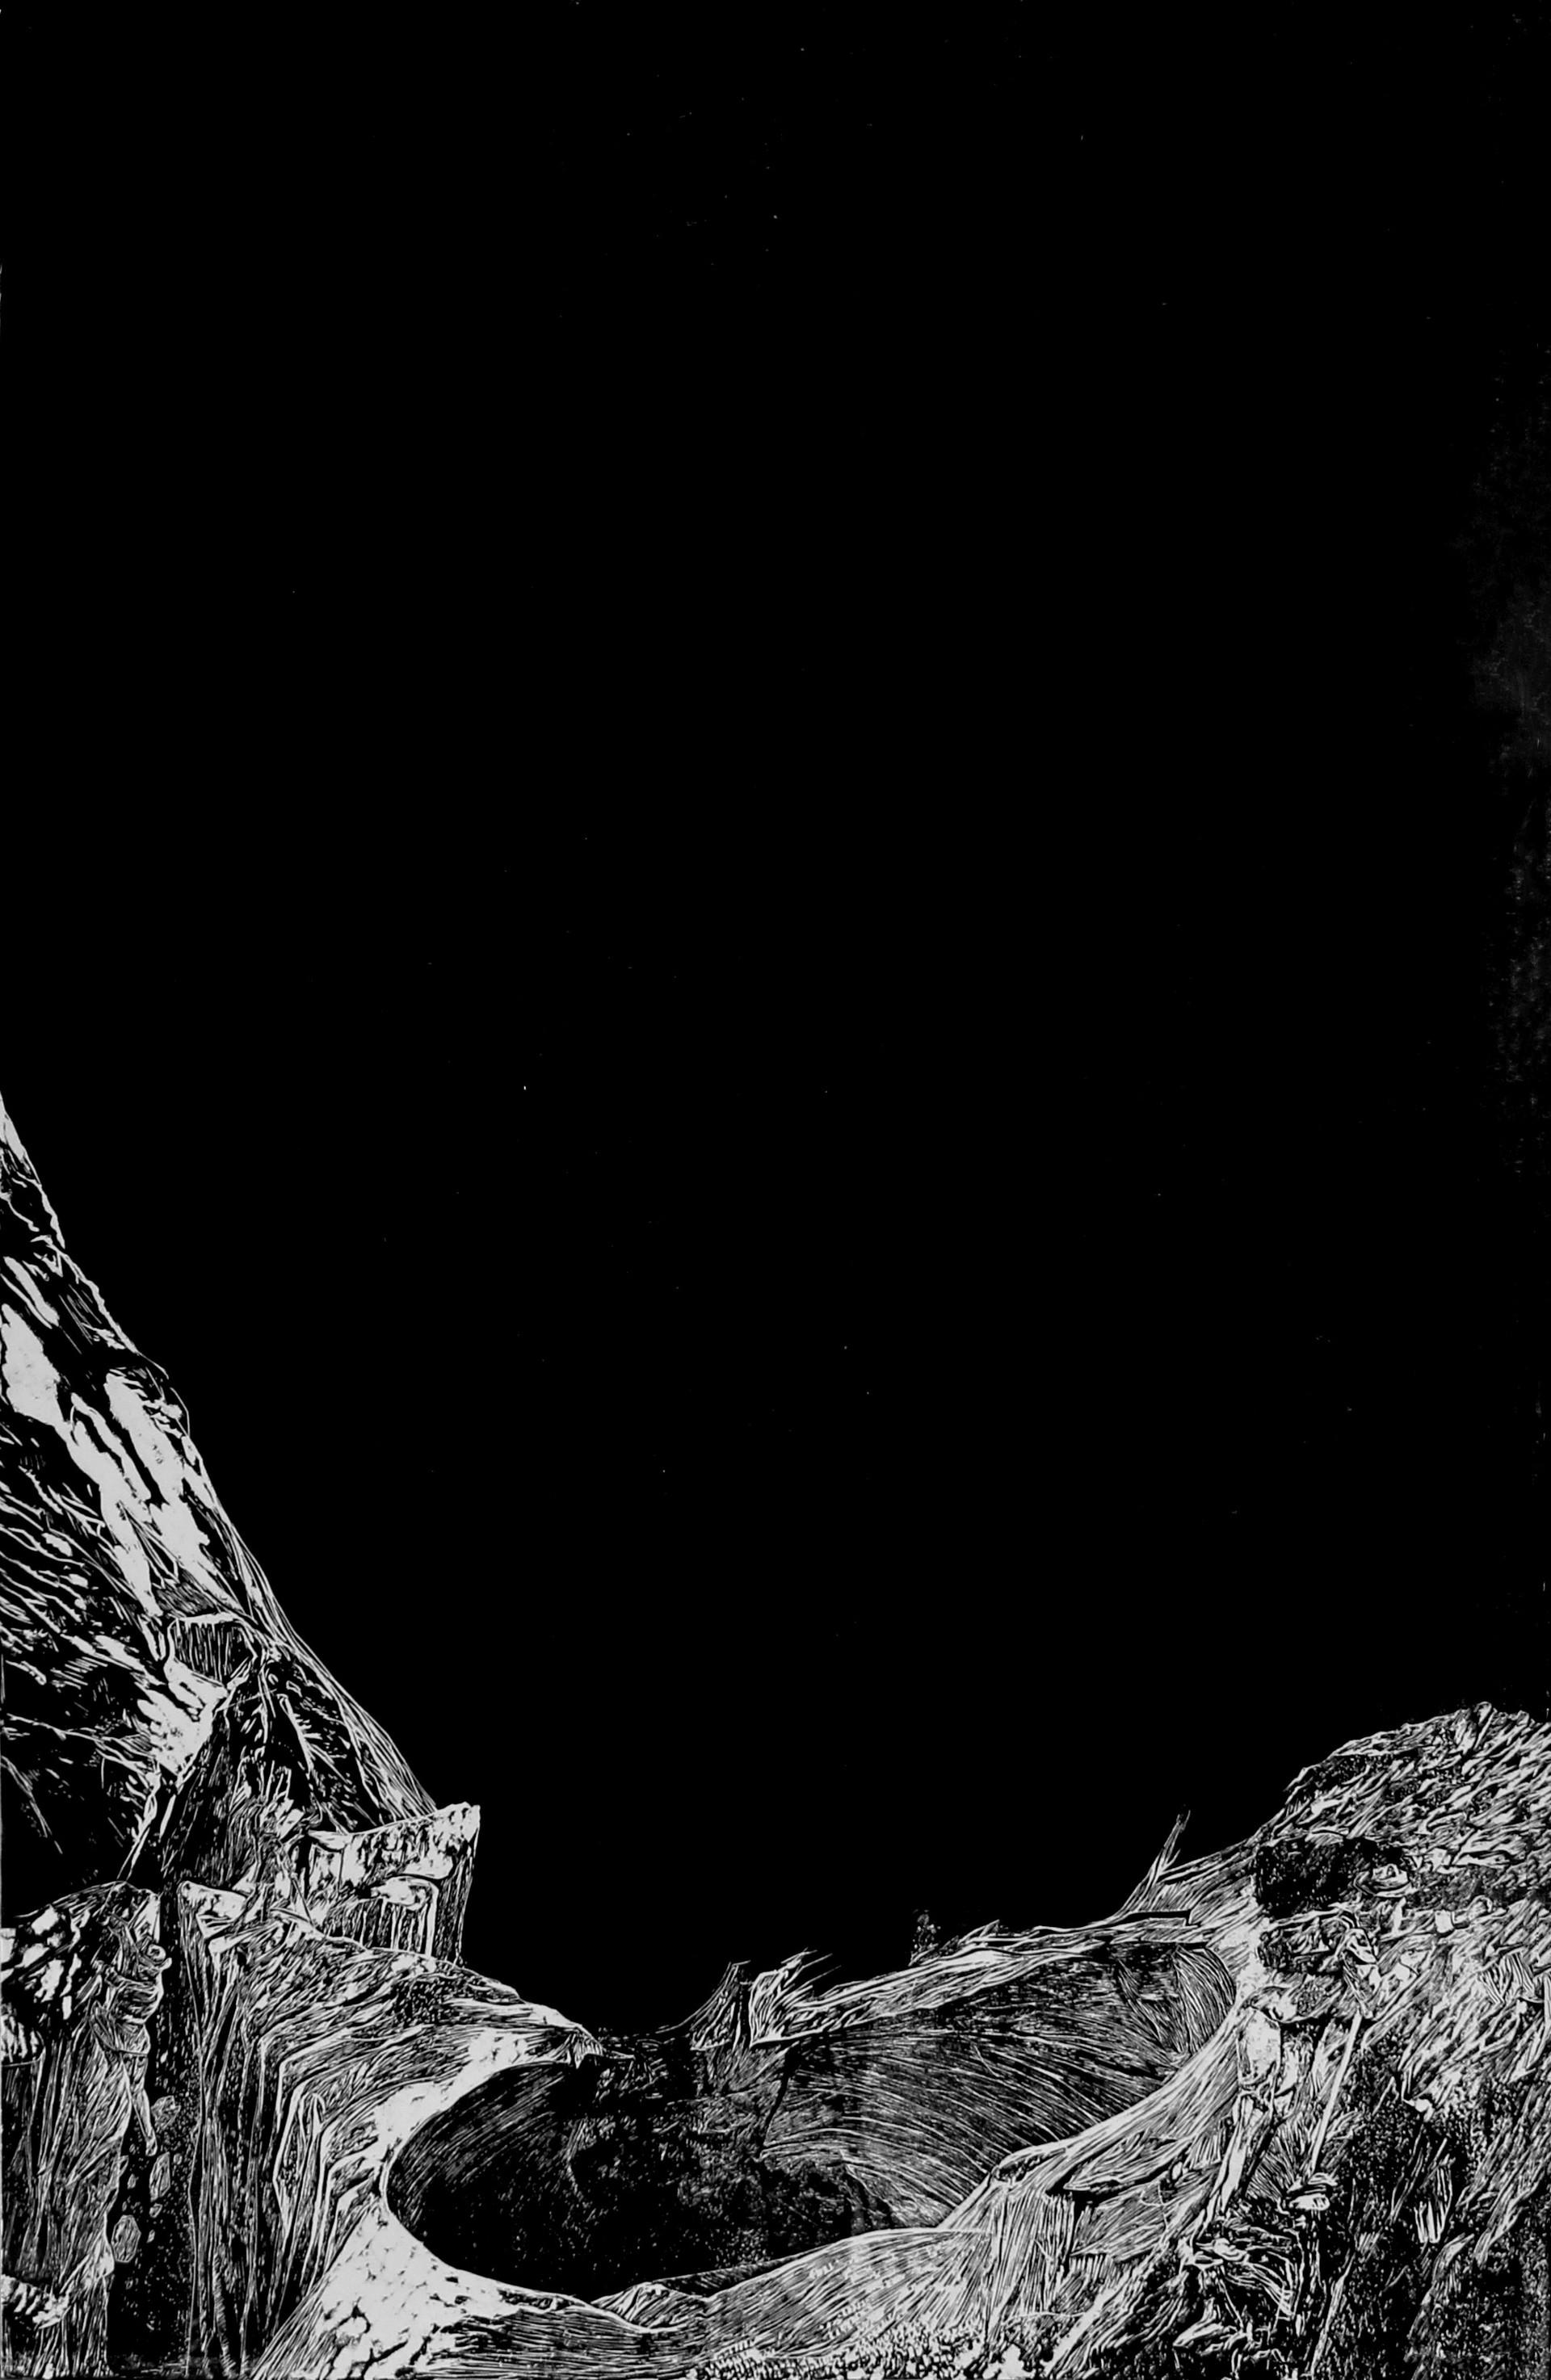 La montagne des rêves évanouis # 6, xylography, 79 x 122 cm